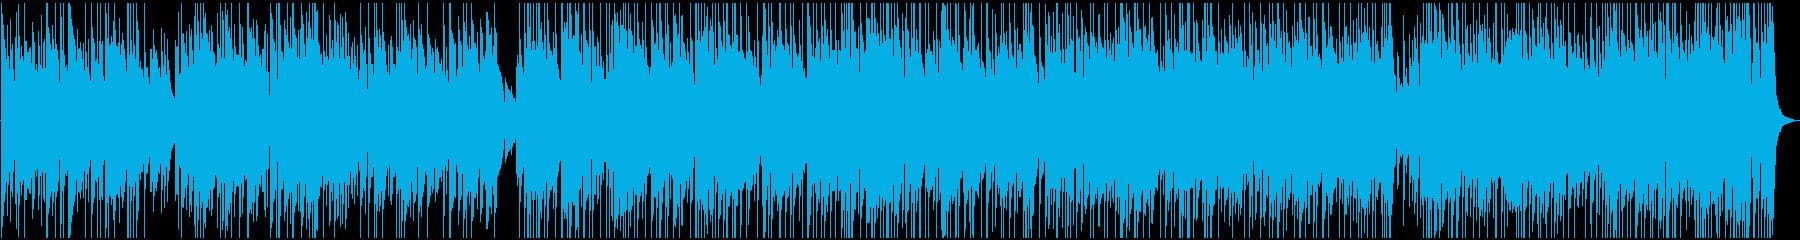 アコギメロディーほのぼの軽快曲の再生済みの波形